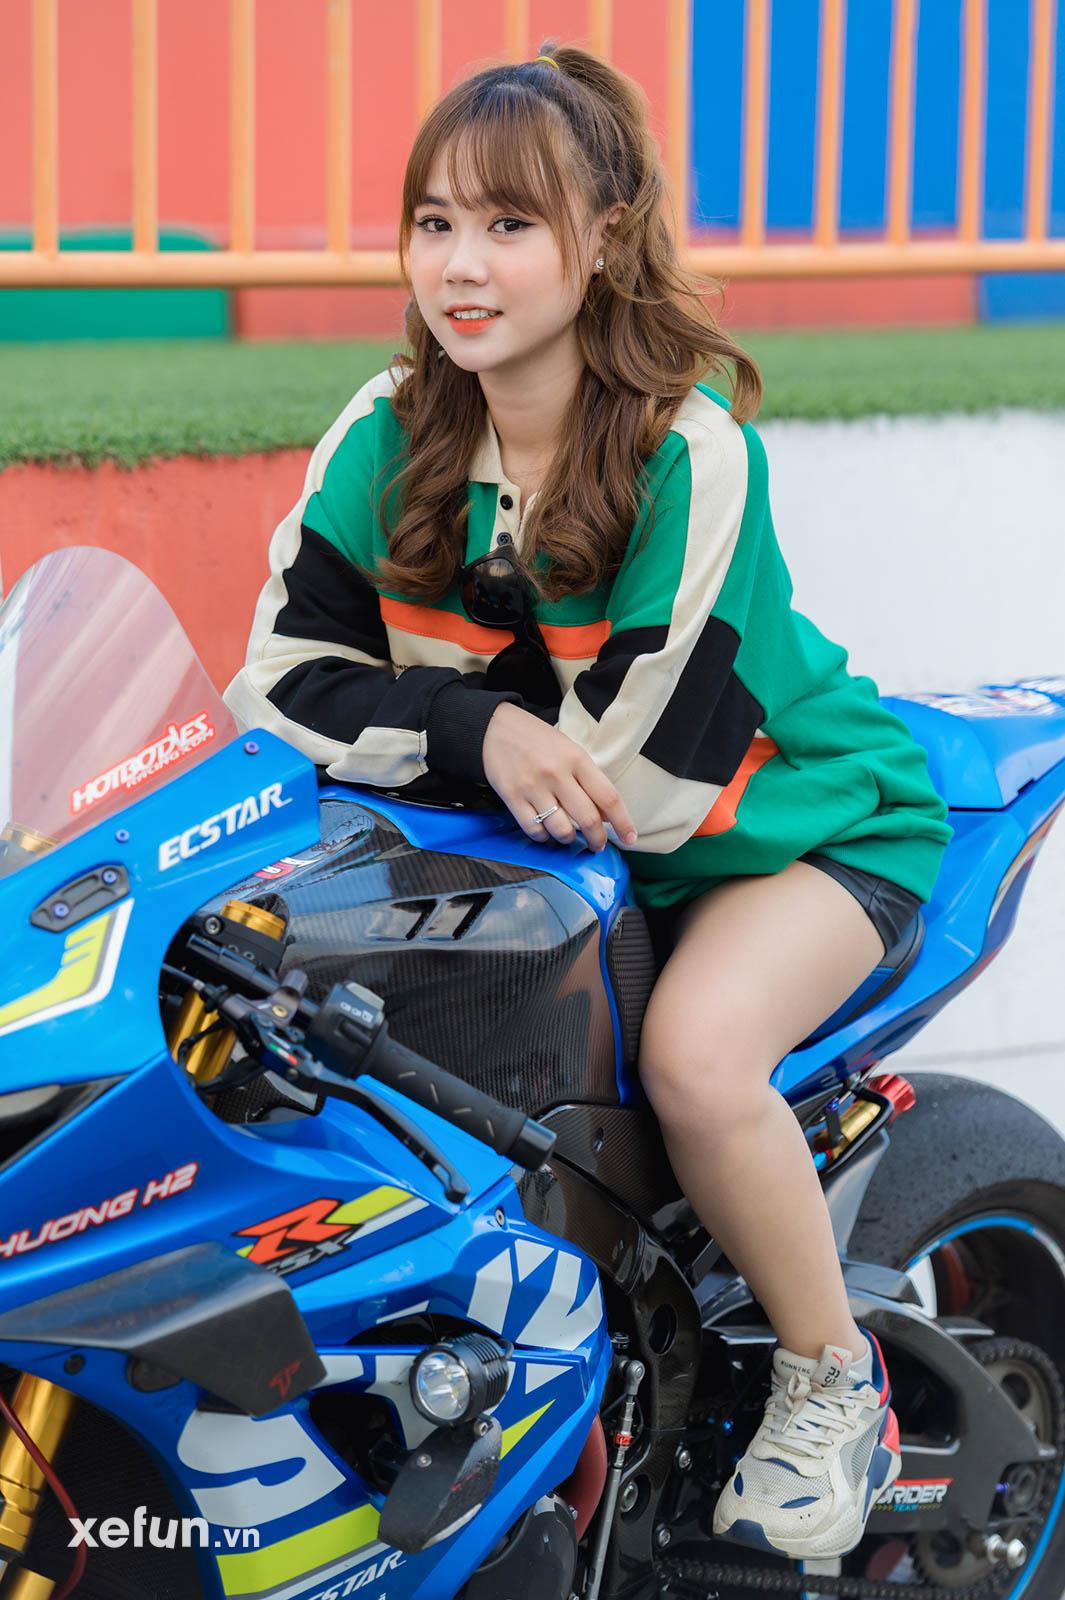 biker Minh Tú trên chiếc Suzuki GSX R1000 tại trường đua Đại Nam và hot girl Go Kart (19)34645